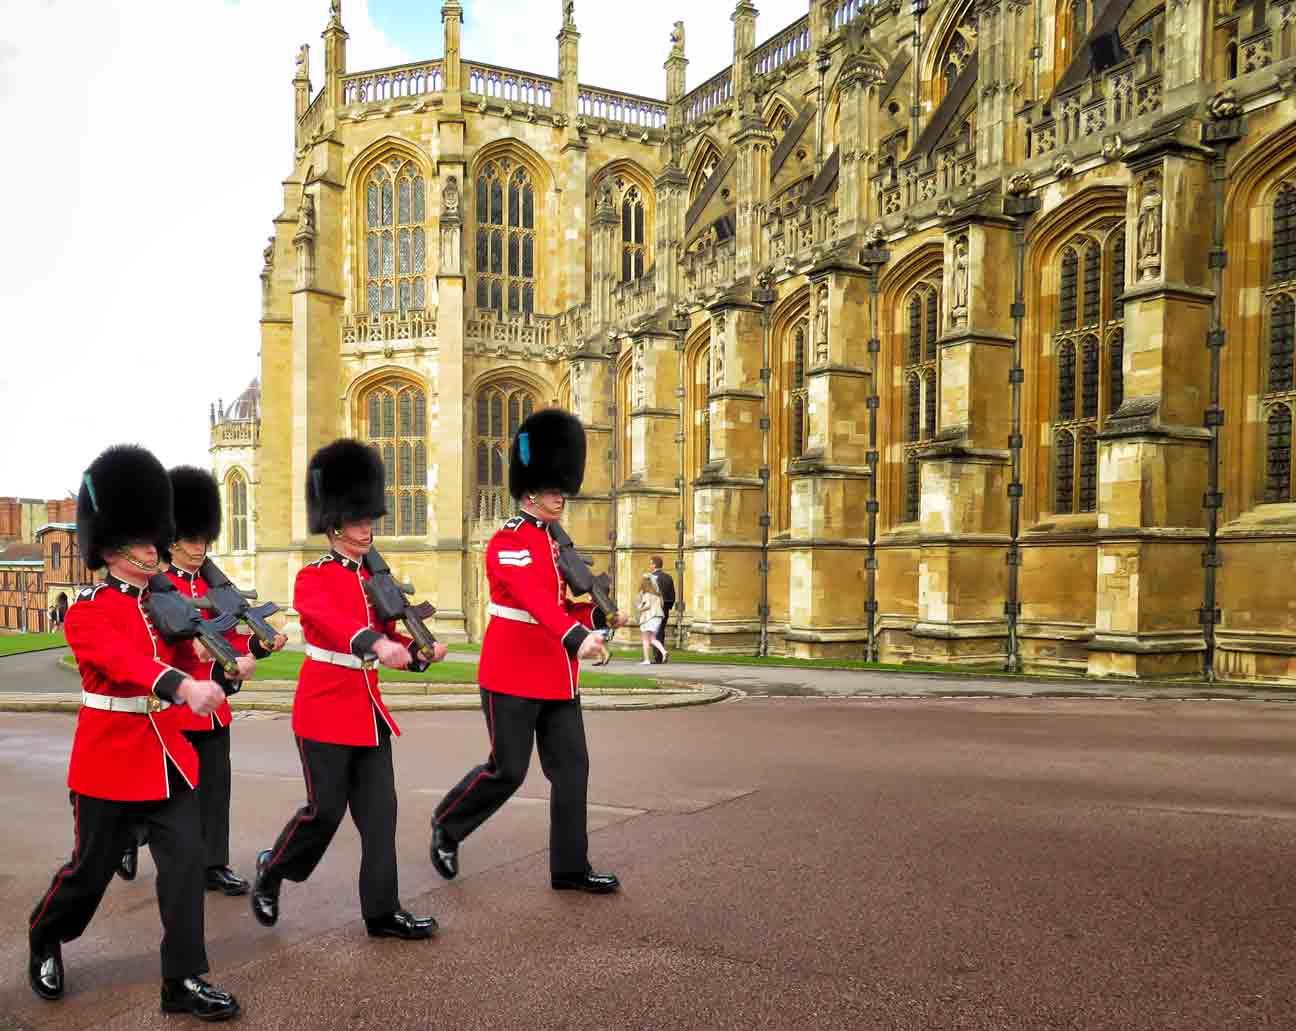 La Pasqua nel Regno Unito: tradizioni e costumi